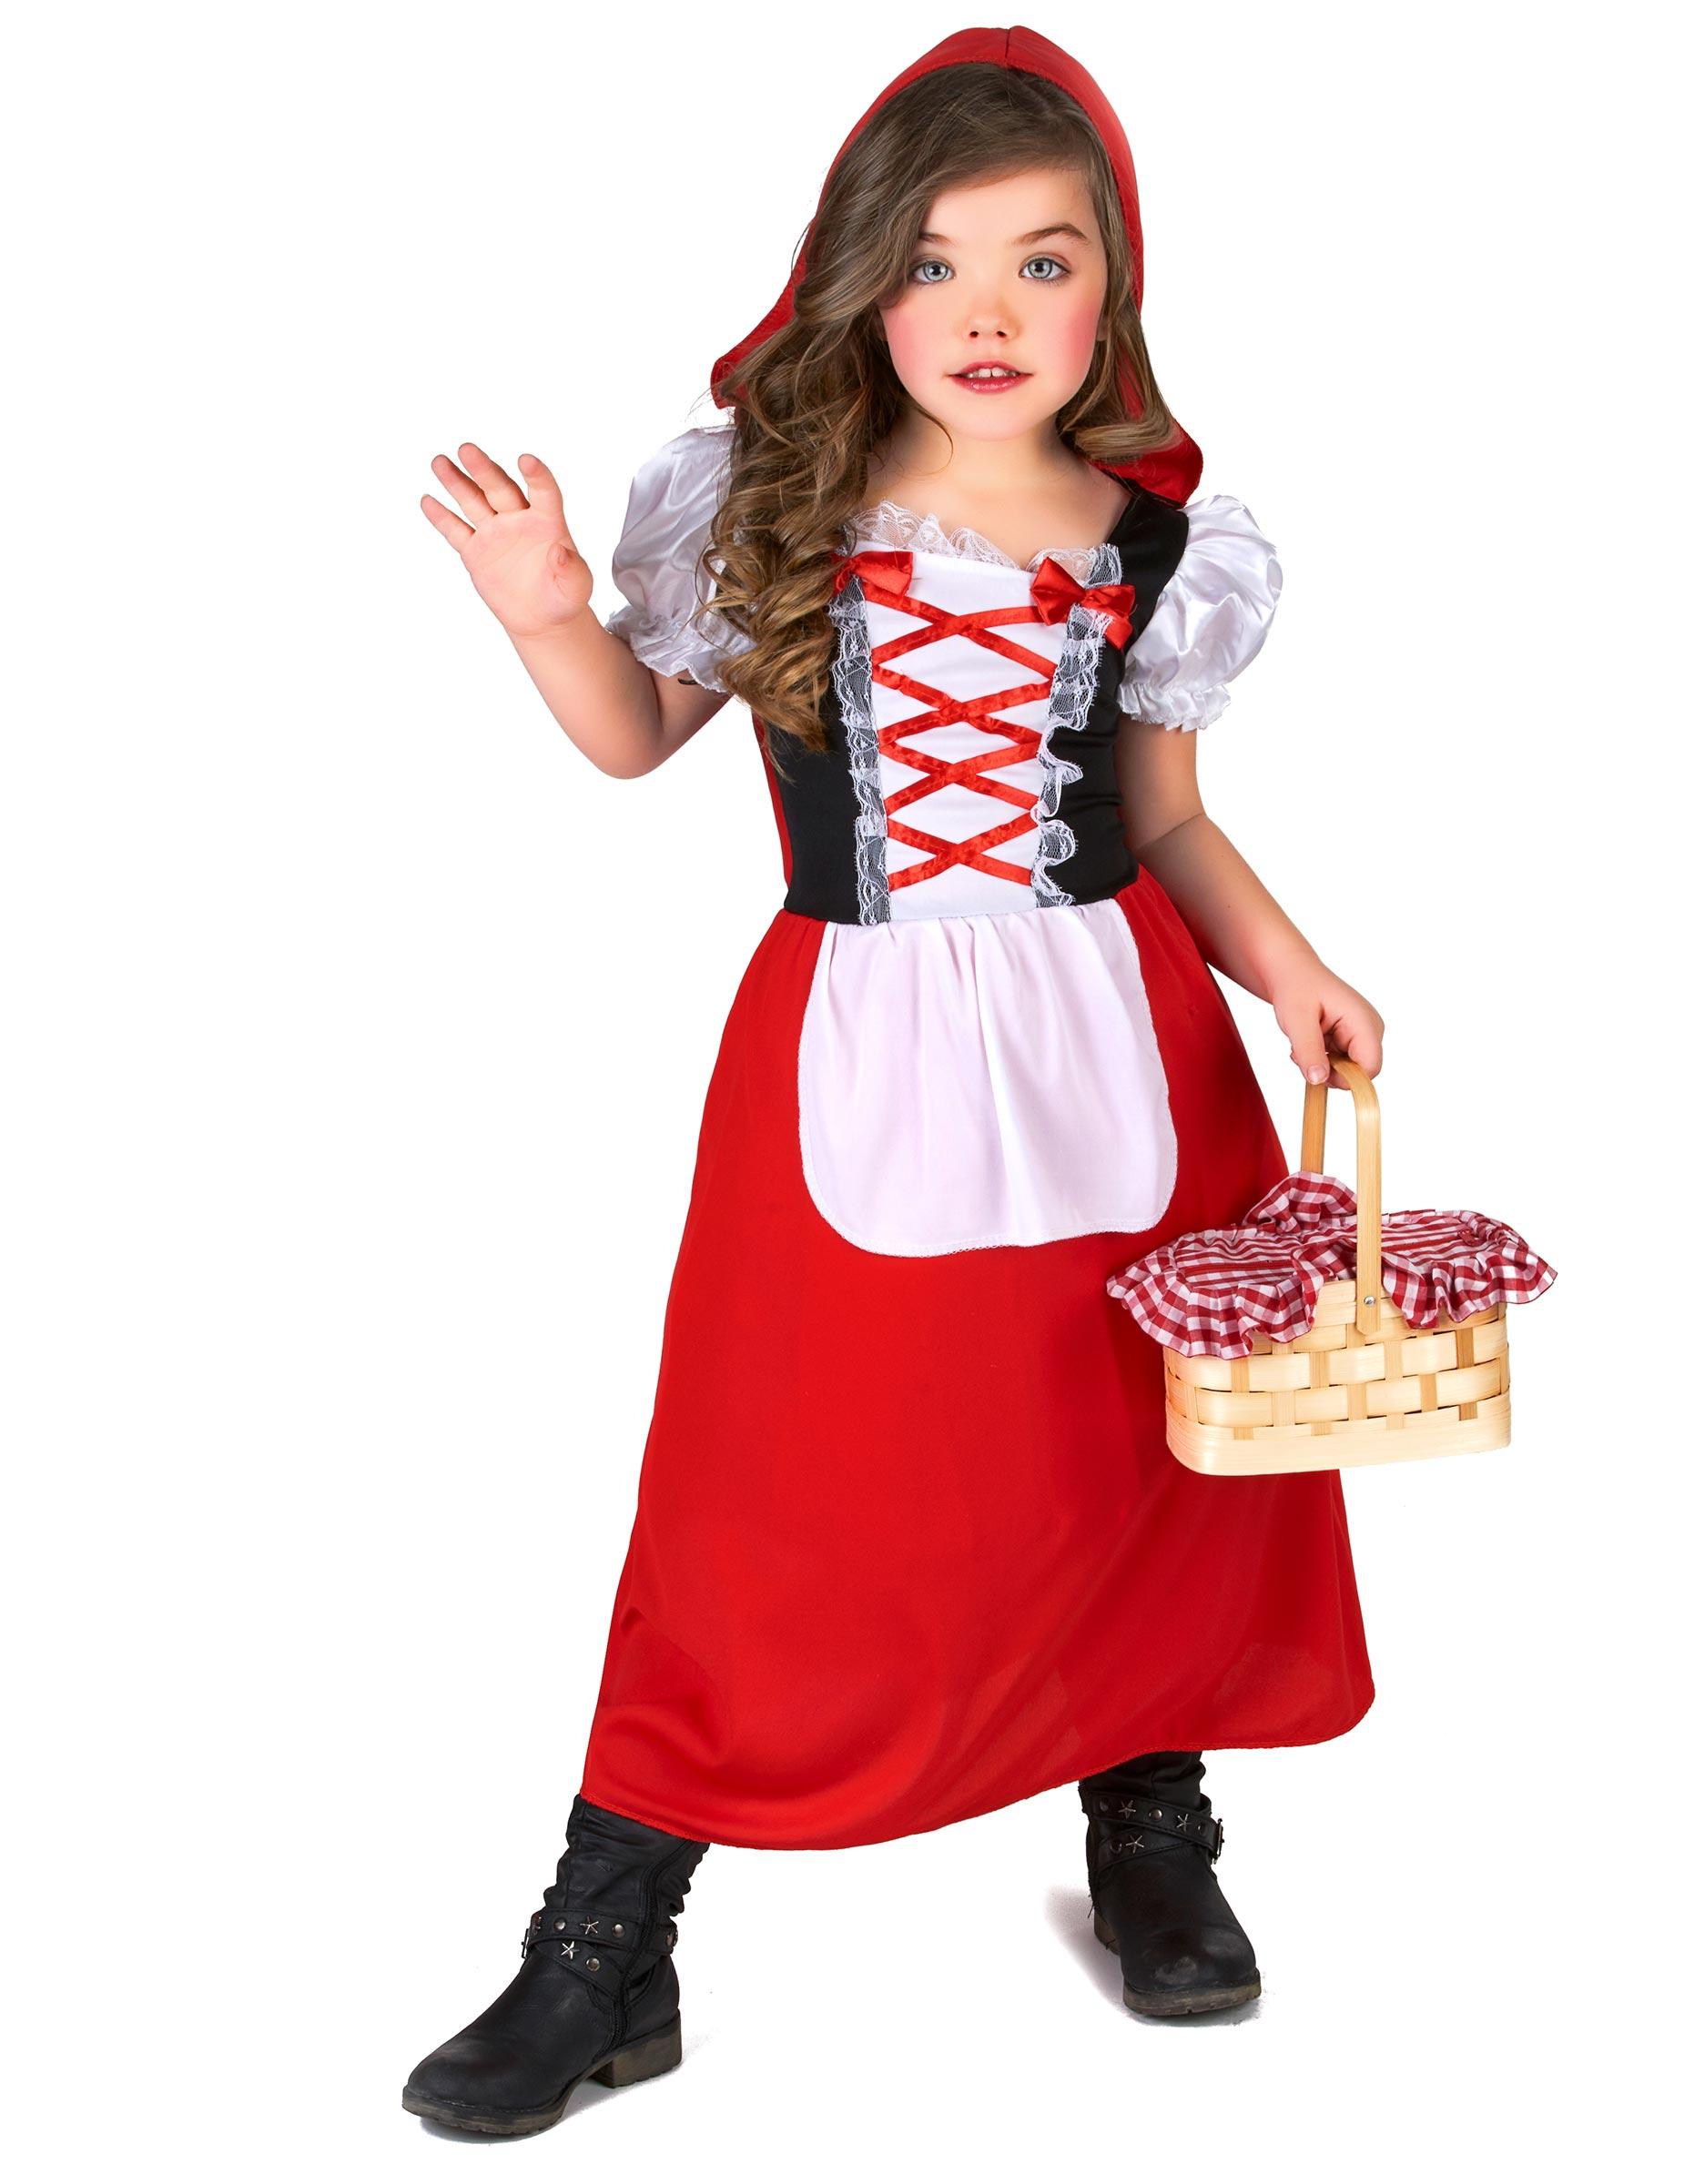 Verkleidung Für Kinder : verkleidung als rotk ppchen f r m dchen kost me f r kinder und g nstige faschingskost me vegaoo ~ Frokenaadalensverden.com Haus und Dekorationen